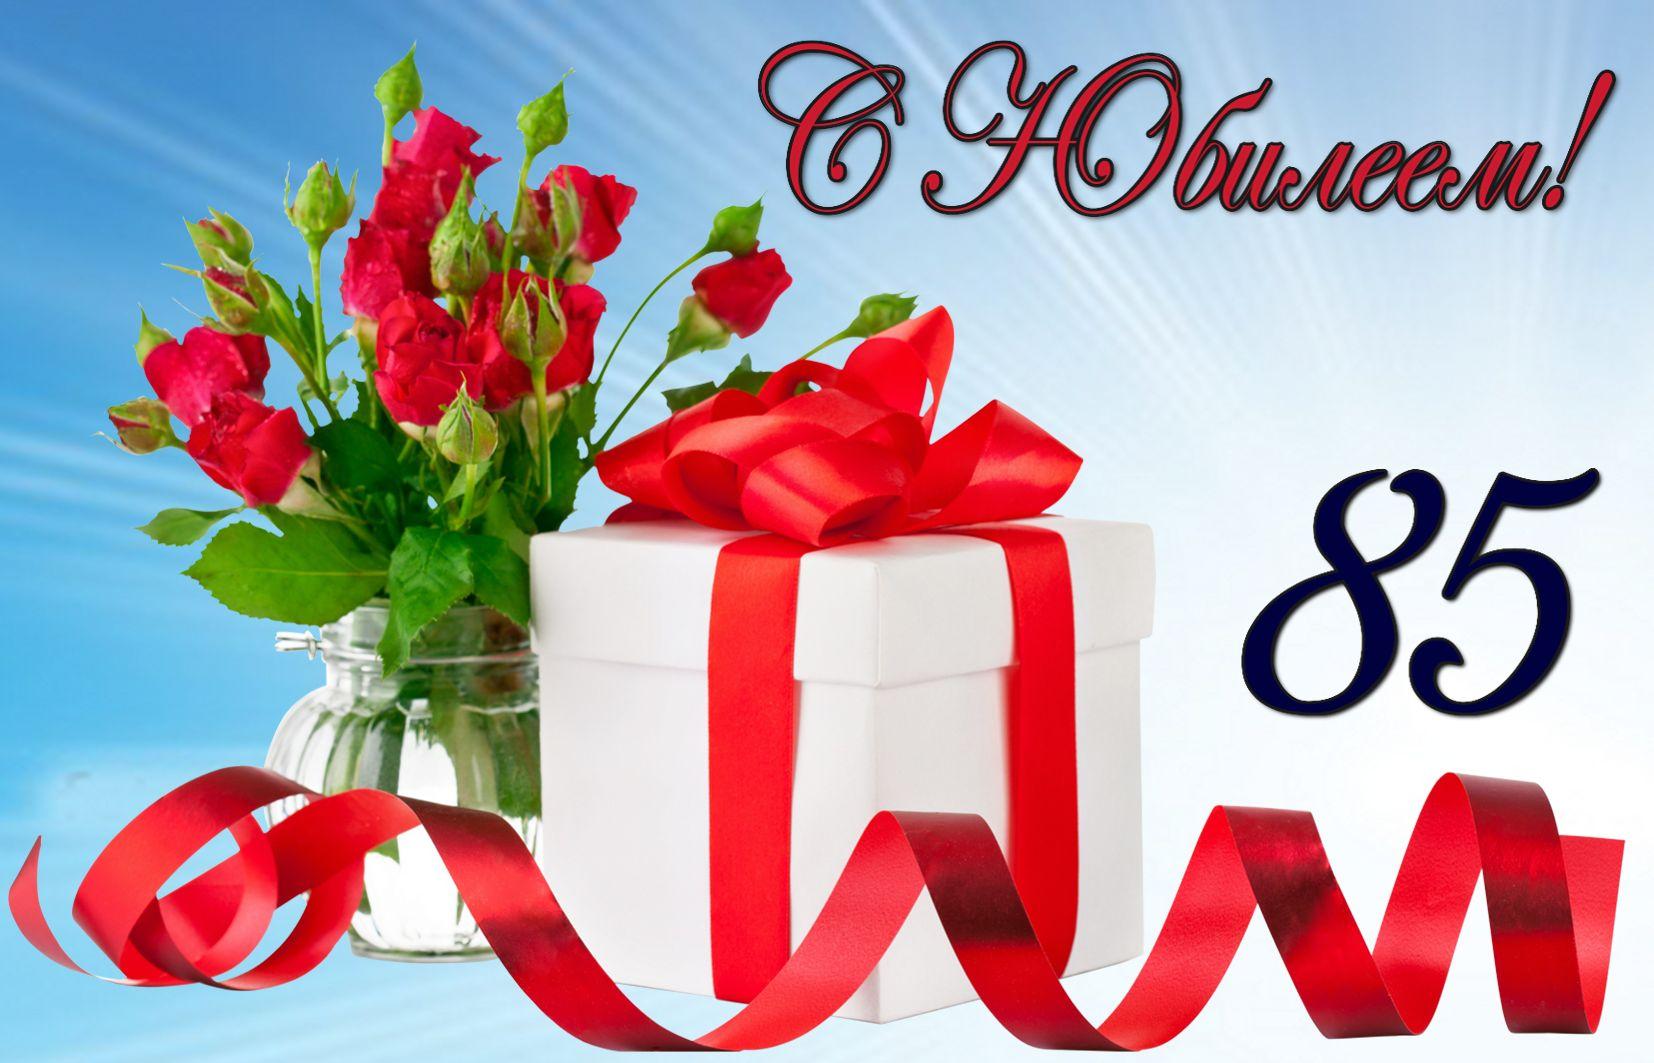 Открытка на юбилей 85 лет - красивый подарок с красной ленточкой